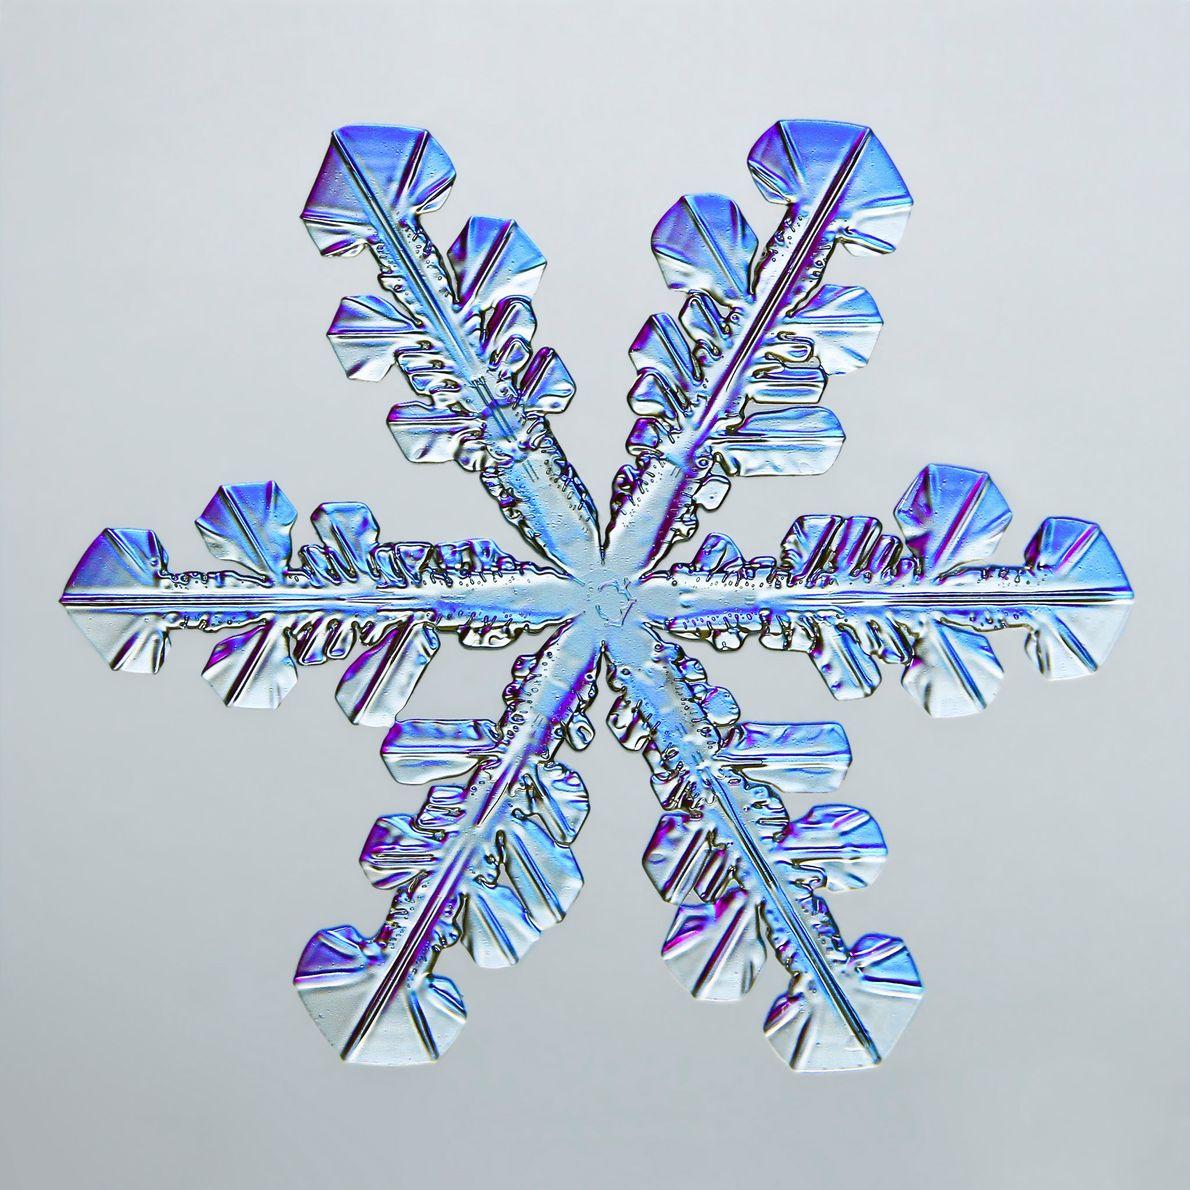 Esta imagen tomada por Caleb Foster, de Vermont, muestra las numerosas facetas hexagonales de un brillante …